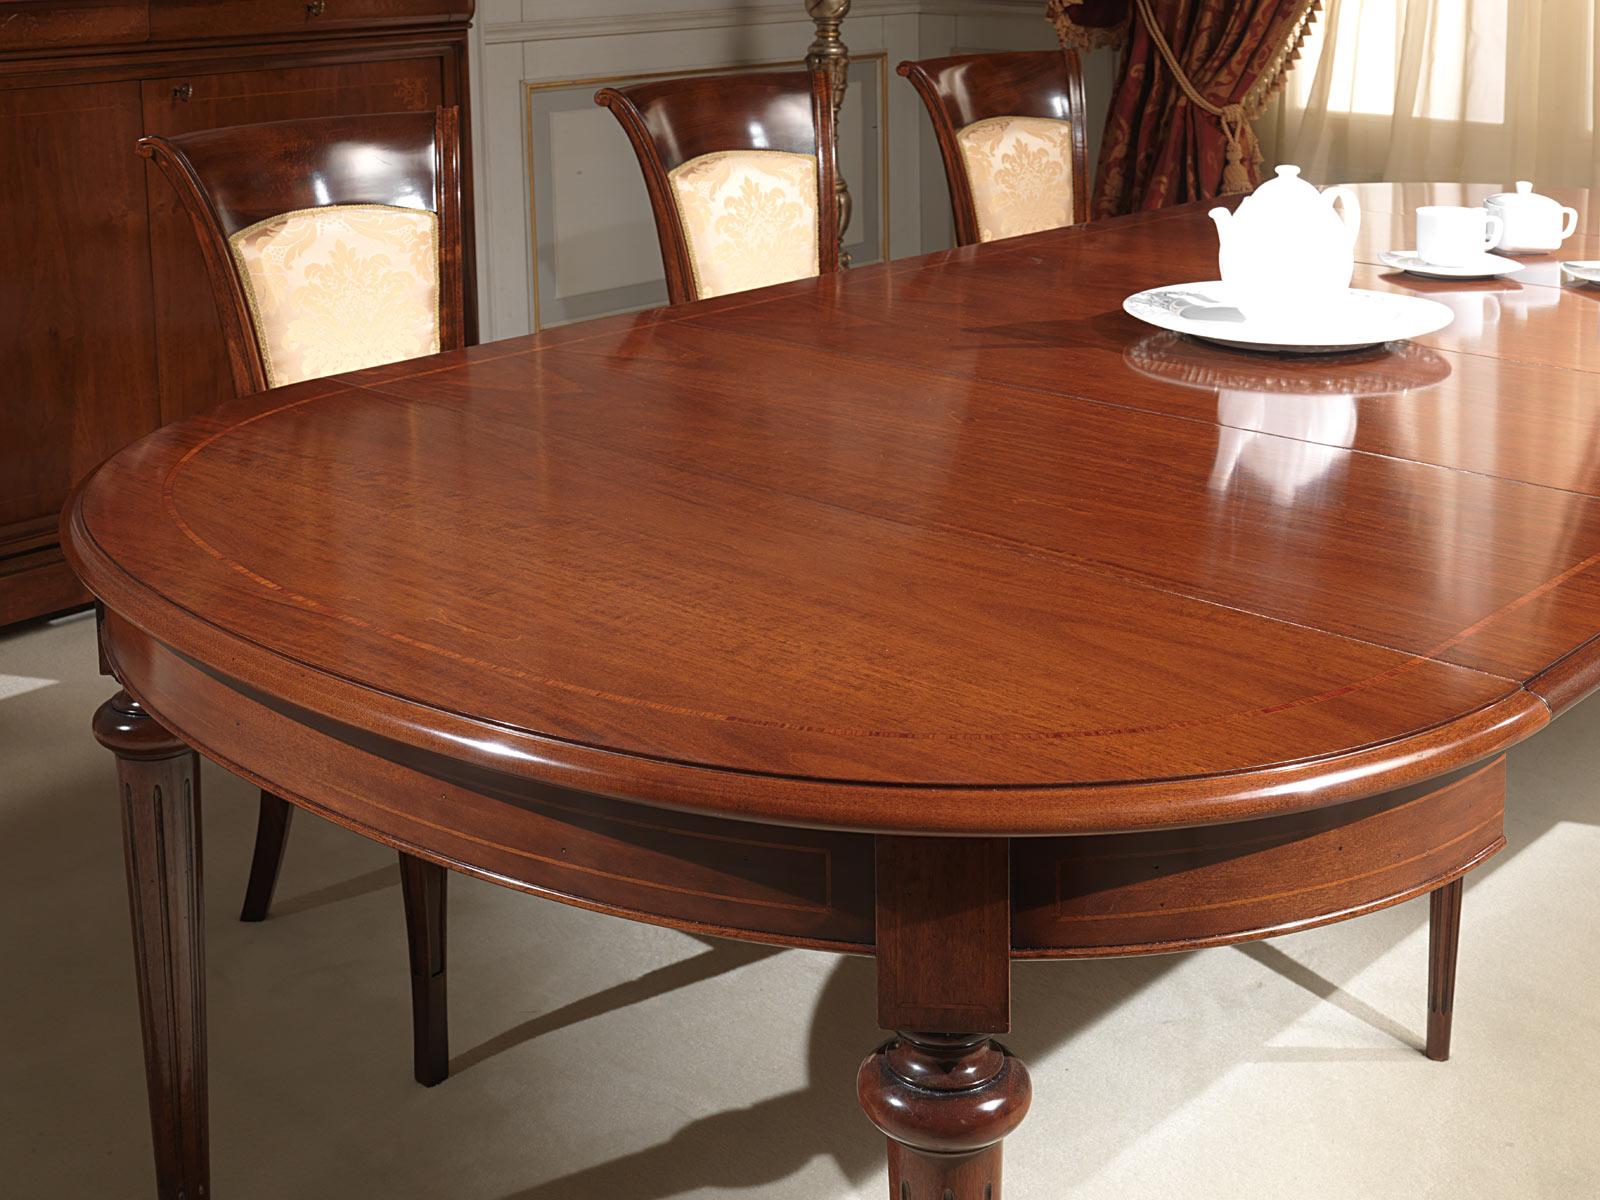 Tavolo ovale allungabile in noce vimercati meda - Tavoli da pranzo classici ...